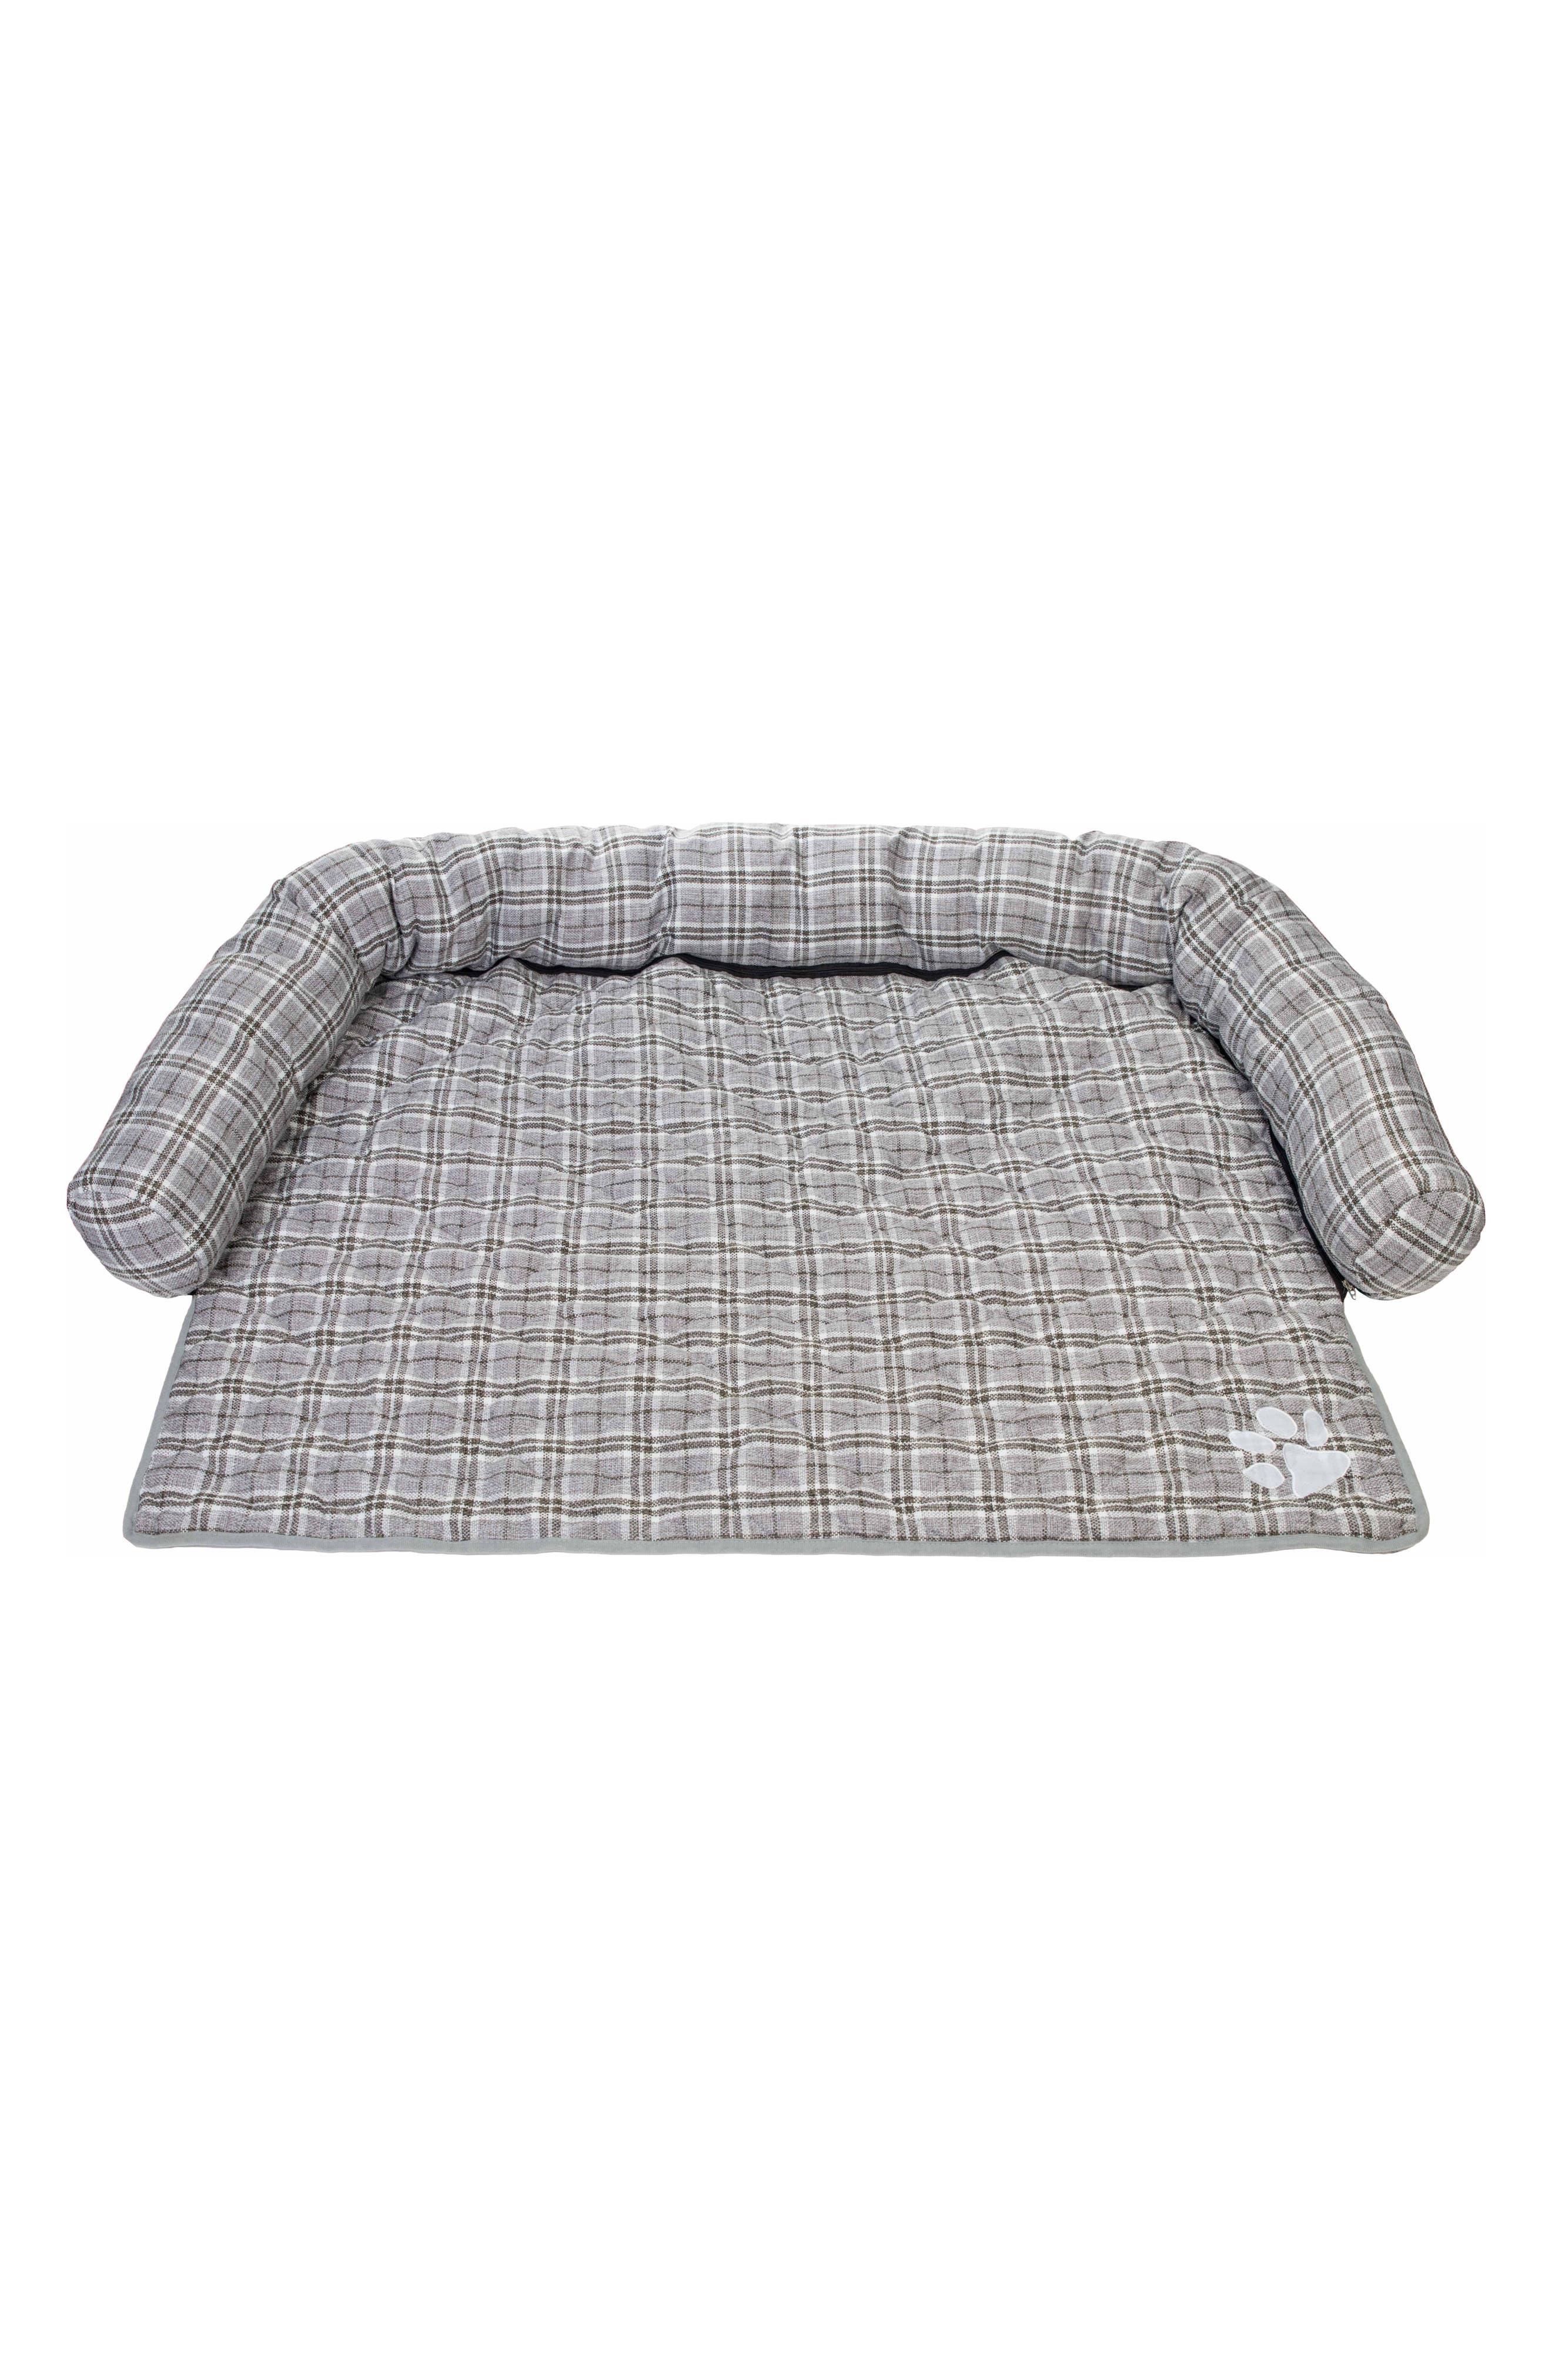 Duck River Textile Harlee Reversible Pet Sofa Cover